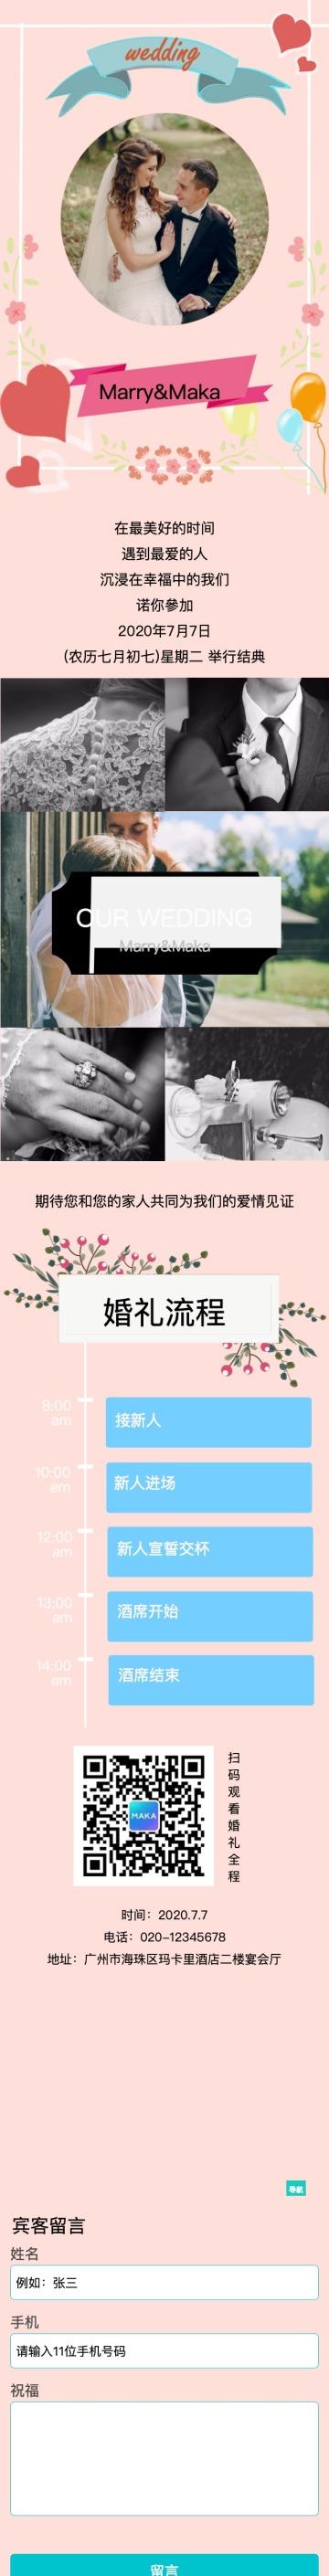 浪漫唯美婚礼婚庆宣传活动推广单页